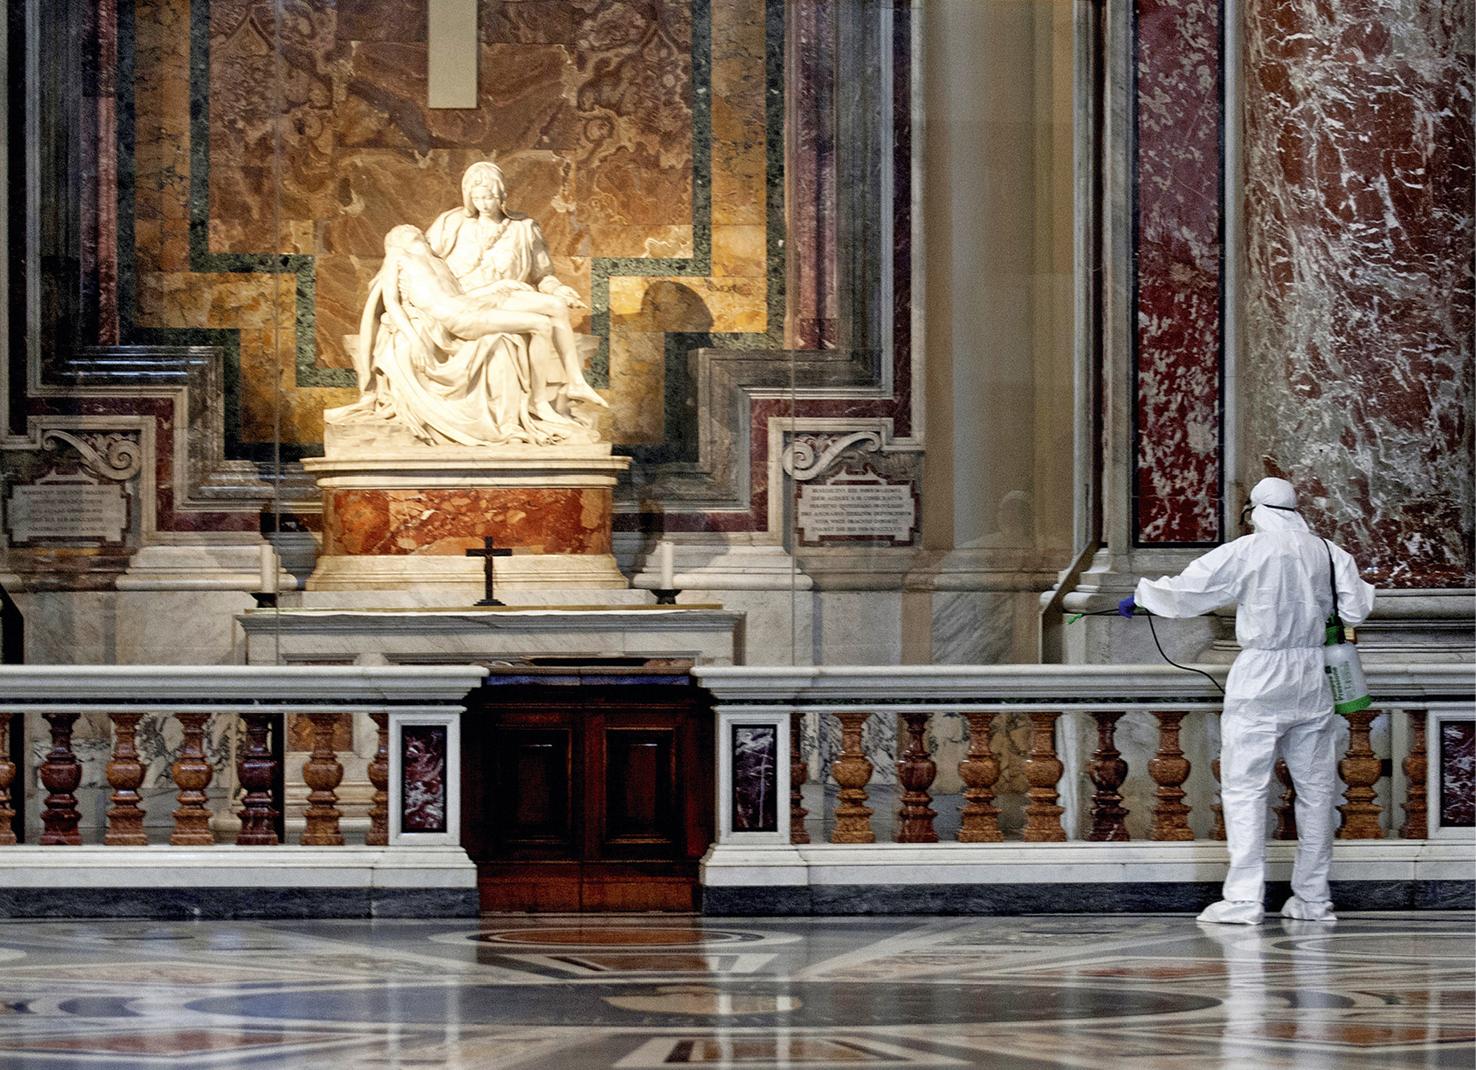 Anche la statua della Pietà, scolpita nel marmo di Carrara da Michelangelo, viene disinfettata con prodotti Würth